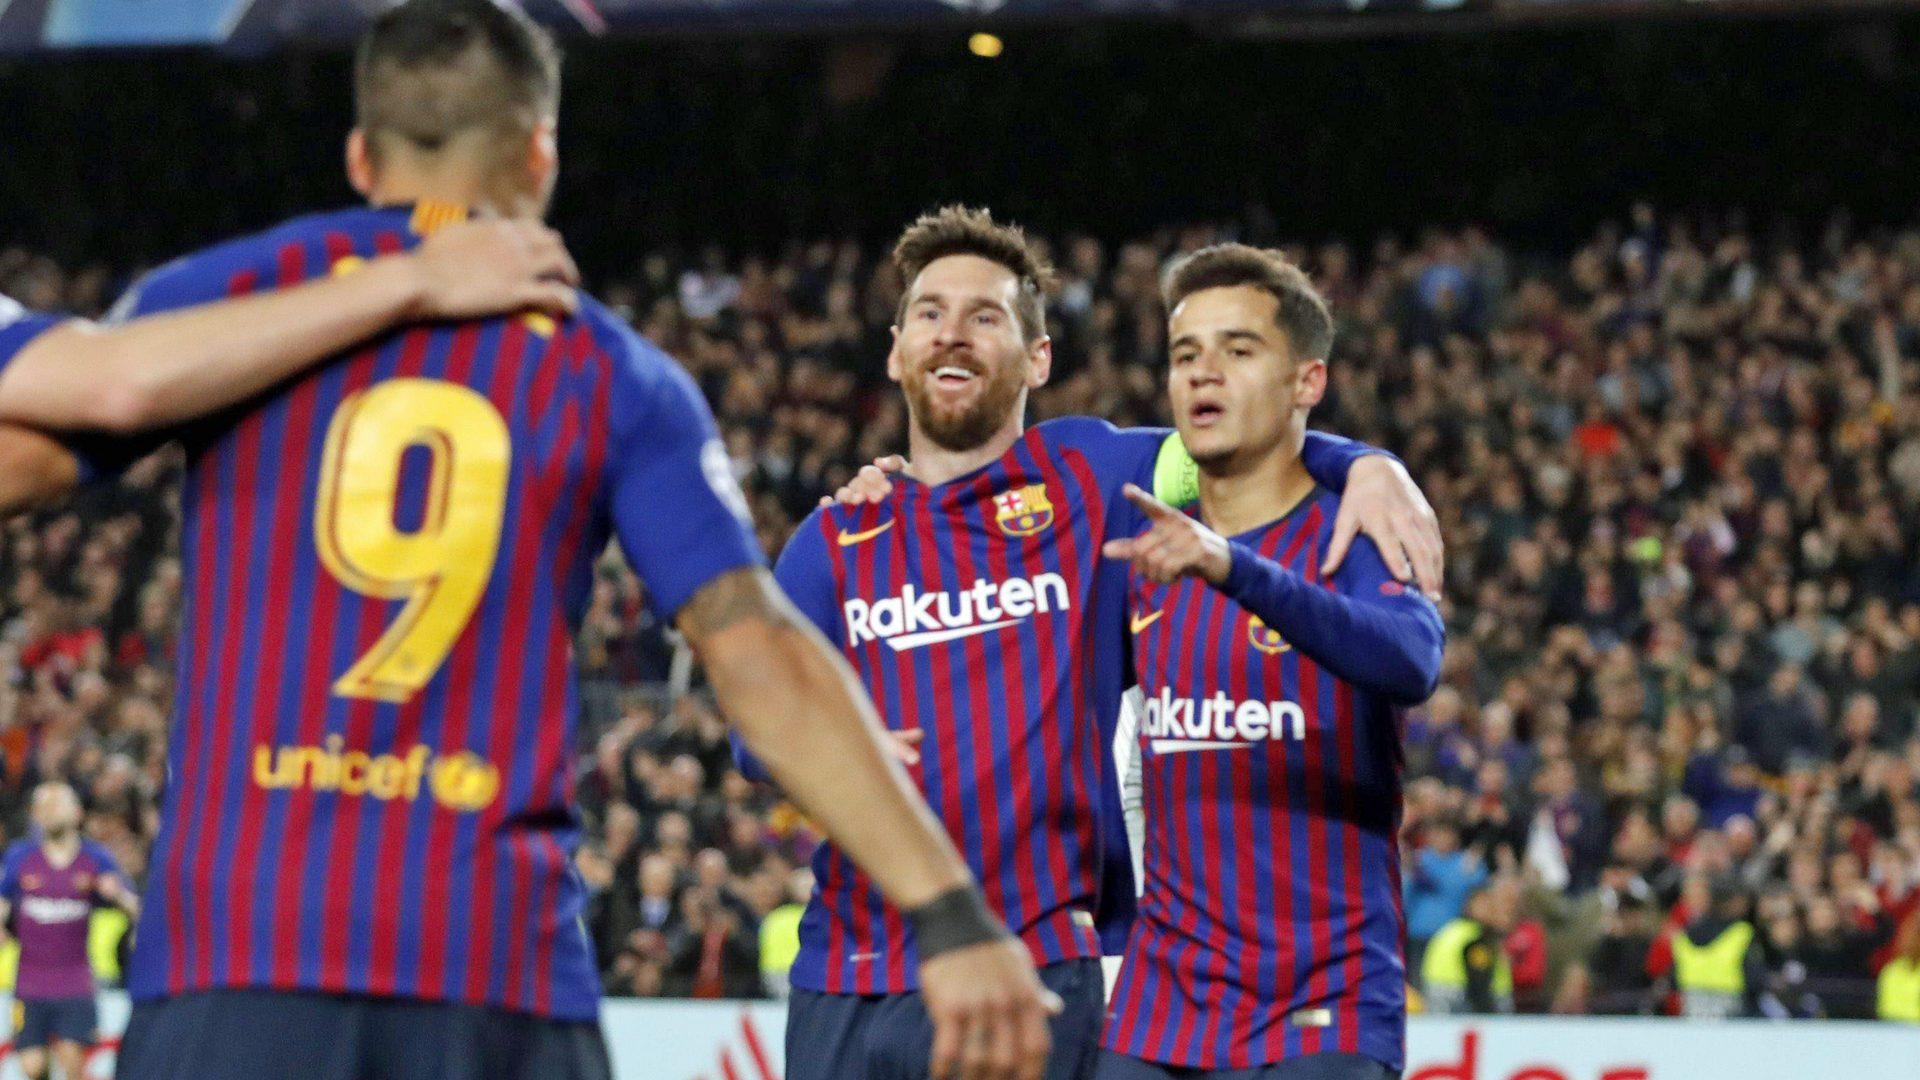 Útočné trio Messi, Suárez, Coutinho slaví barcelonskou branku.